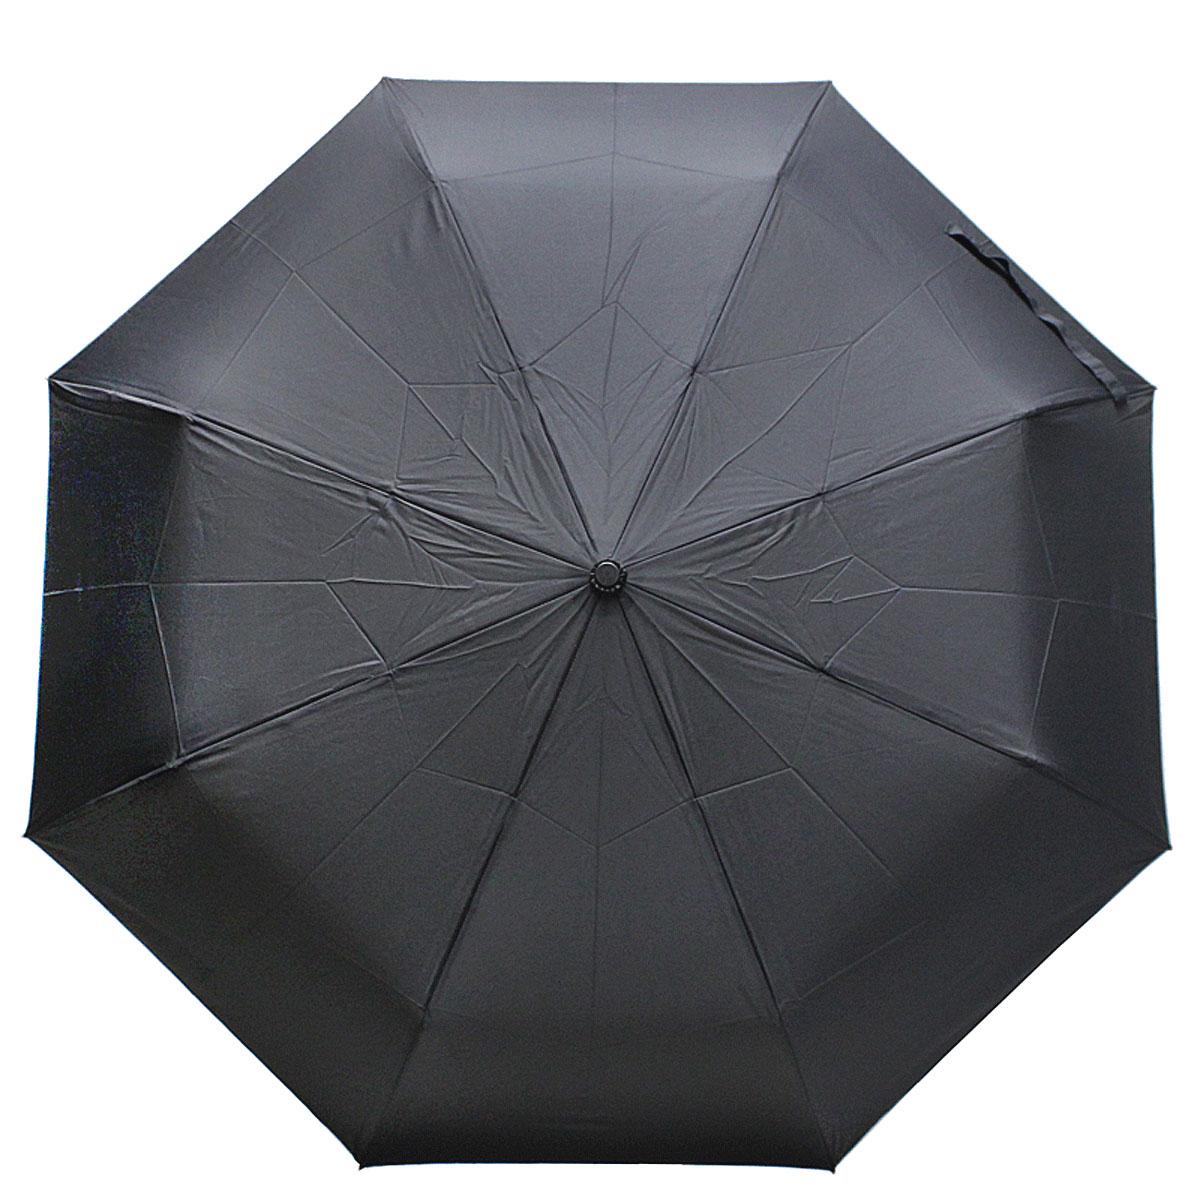 Зонт мужской Vogue, полный автомат, 3 сложения, цвет: черный. 799 V799 VЗонт полный автомат Vogue Каркас имеет противоветровый эффект 3 сложения Стержень: сталь 8 спиц по 58см. Диаметр купола: 104см. Вес: 382гр. Длина в сложенном положении: 33 см. Коллекция Vogue, отражающая самые последние тенденции в моде, очень удачно сочетается с практичностью и отличным качеством испанских зонтов, применение в производстве каркасов современных материалов уменьшает вес зонтиков и гарантирует надежность и качество. Рекомендации по использованию: Мокрый зонт нельзя оставять сложенным. Зонт после использования рекомндуется сушить в полураскрытом виде вдали от нагревательных приборов. Чистить зонт рекомендуется губкой, используя мягкие нещелочные растворы.